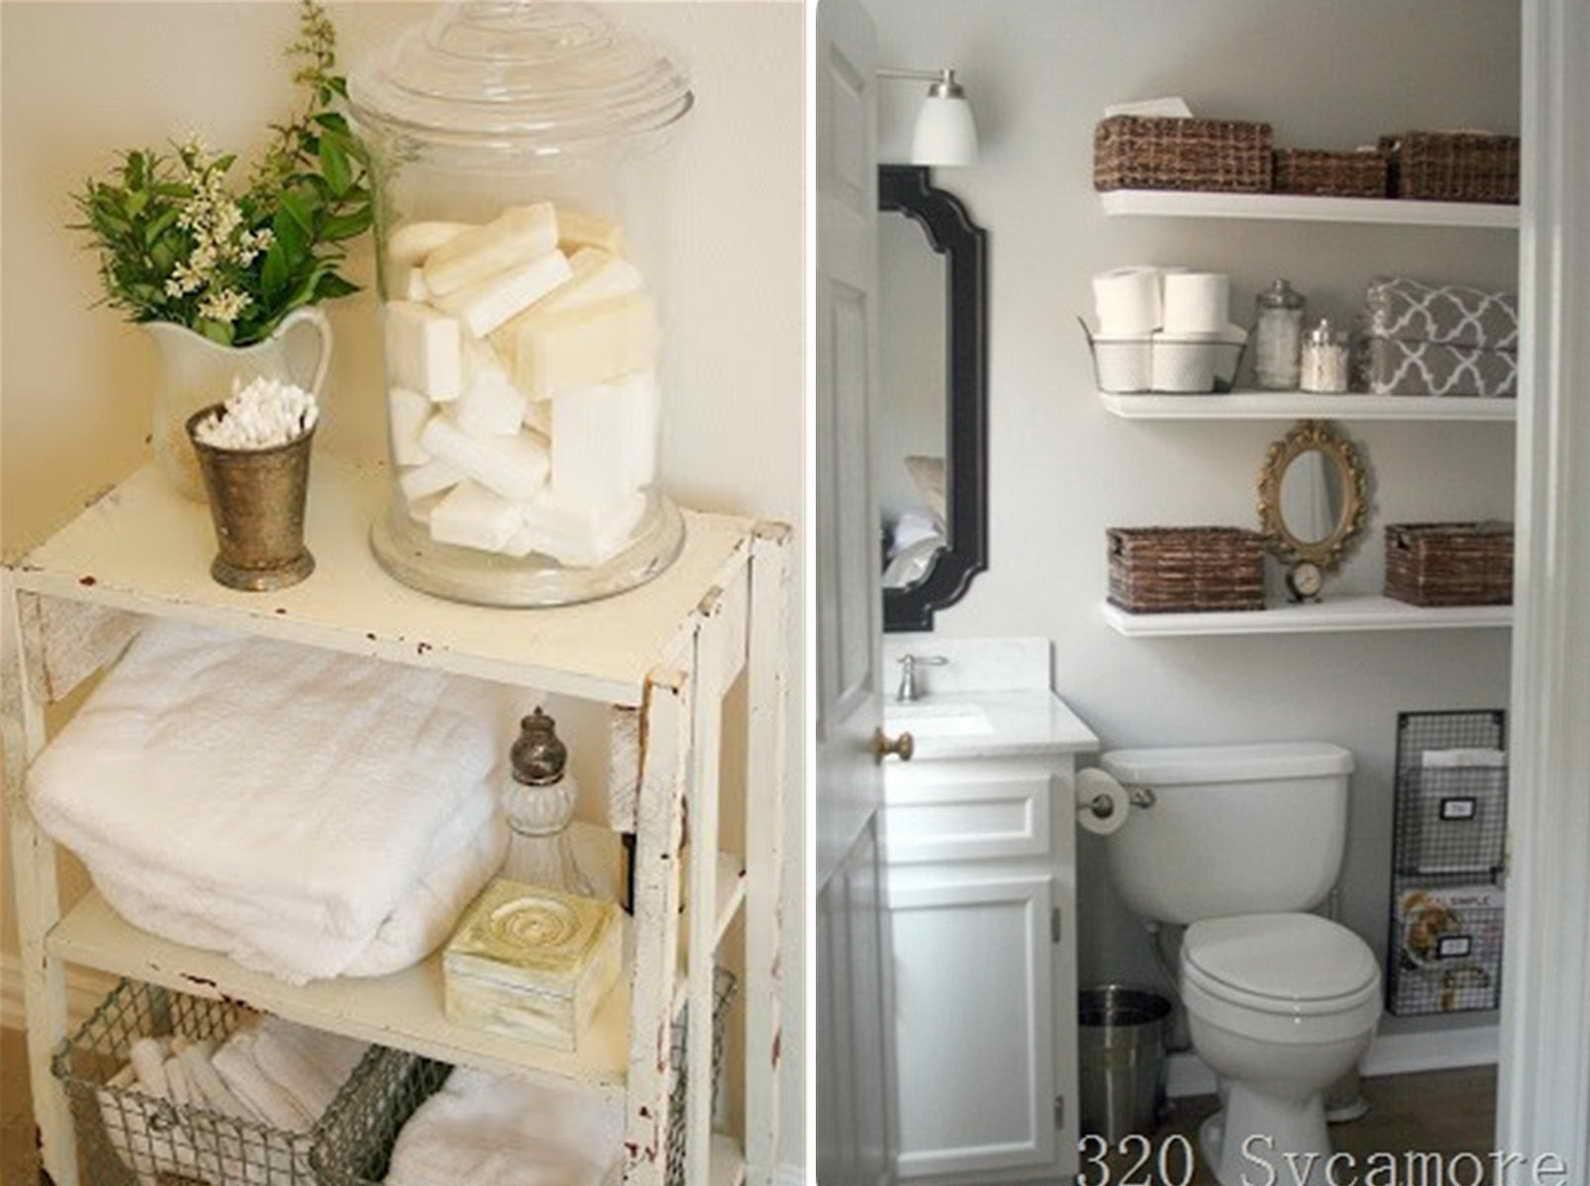 small-vintage-bathroom-ideas-6_resize